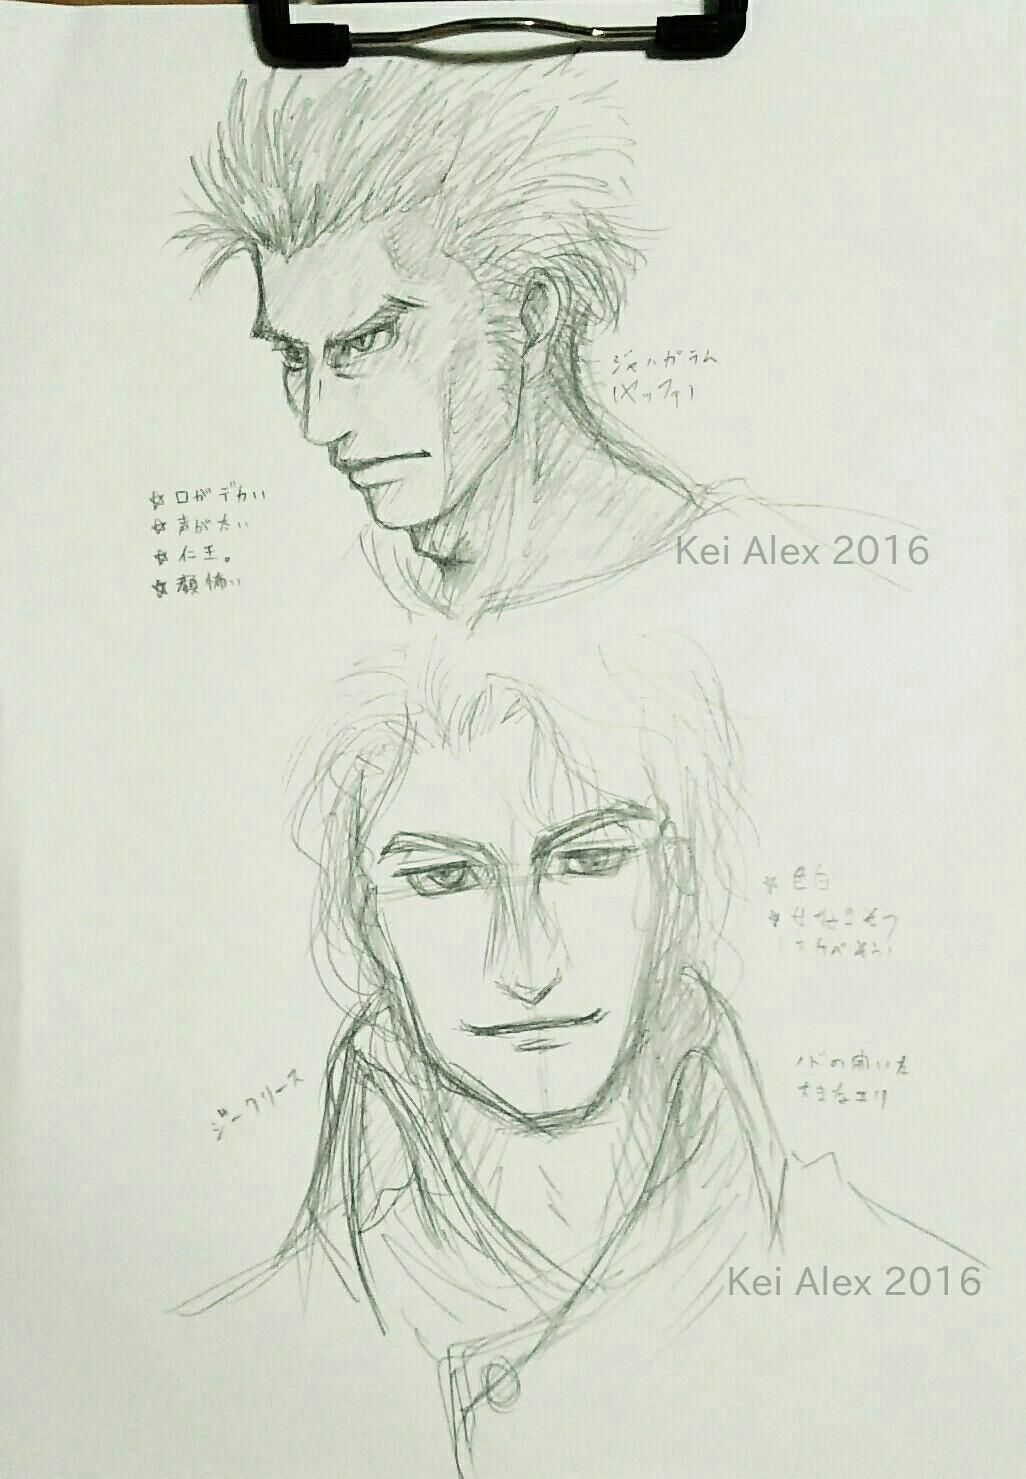 f:id:kei-alex:20160513005104j:image